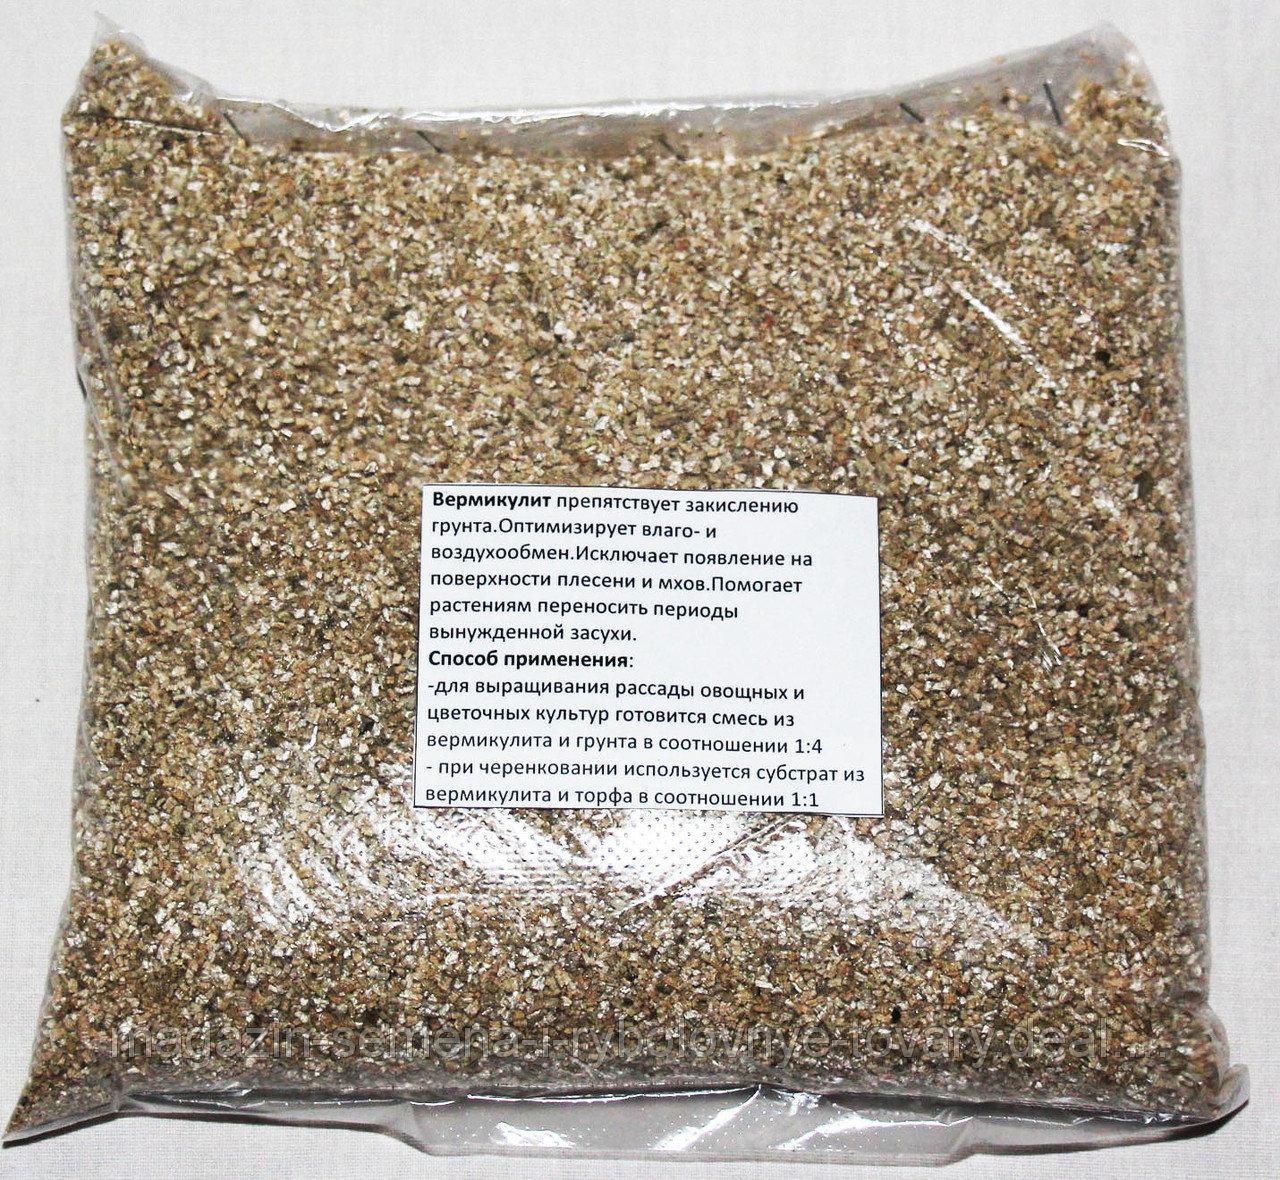 Вермикуліт, упаковка 1 літр - Розпушувач для грунту